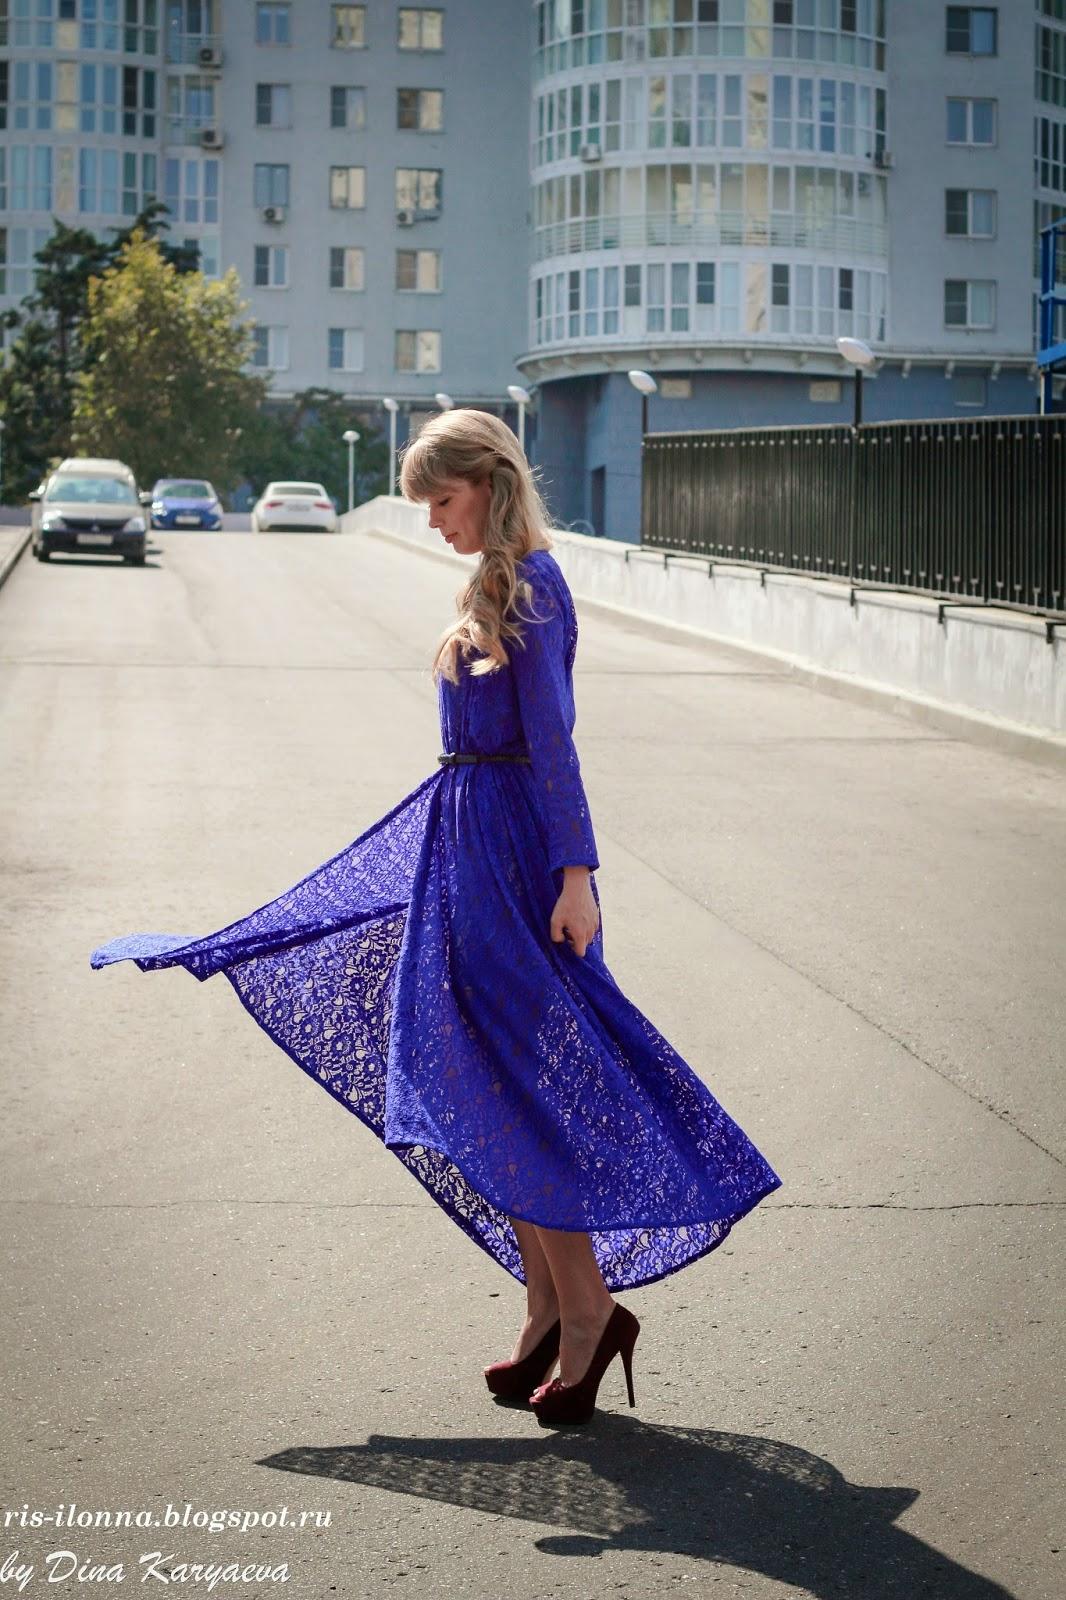 Задирает платье